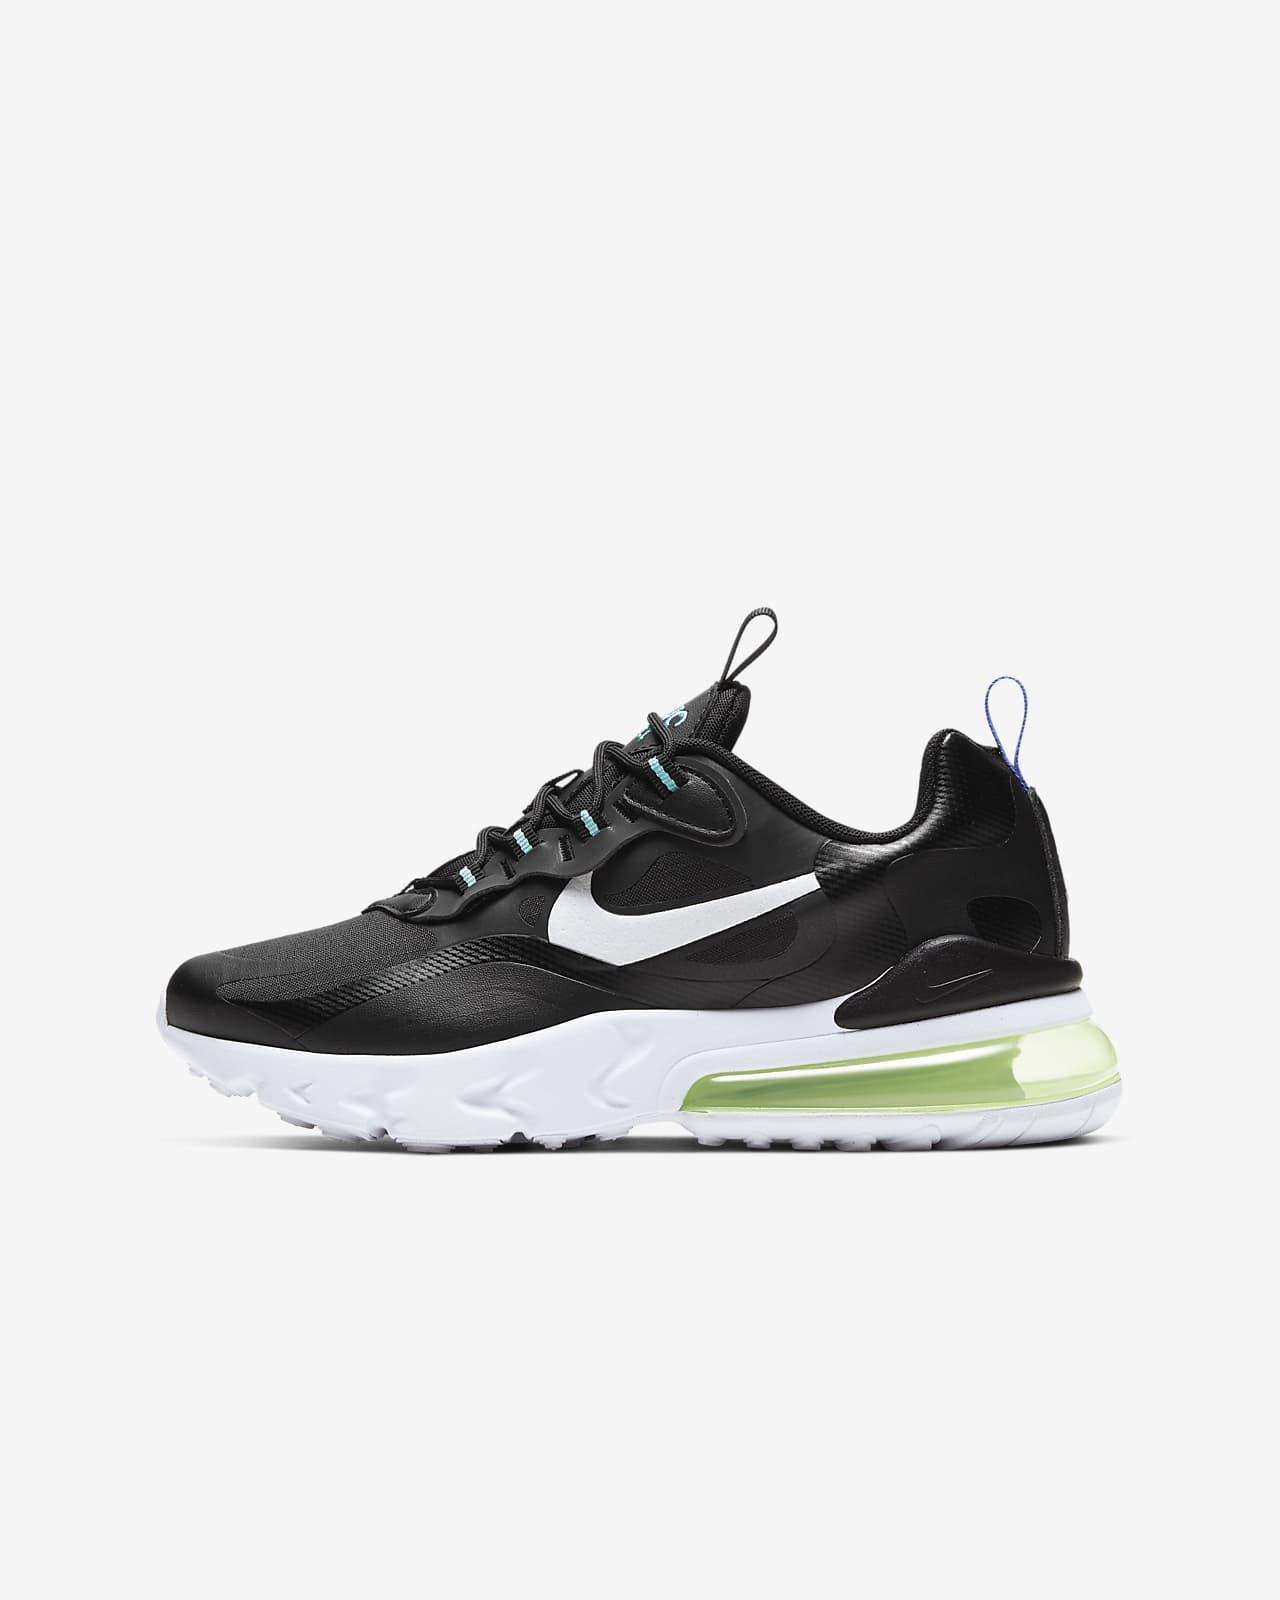 Παπούτσι Nike Air Max 270 React για μεγάλα παιδιά